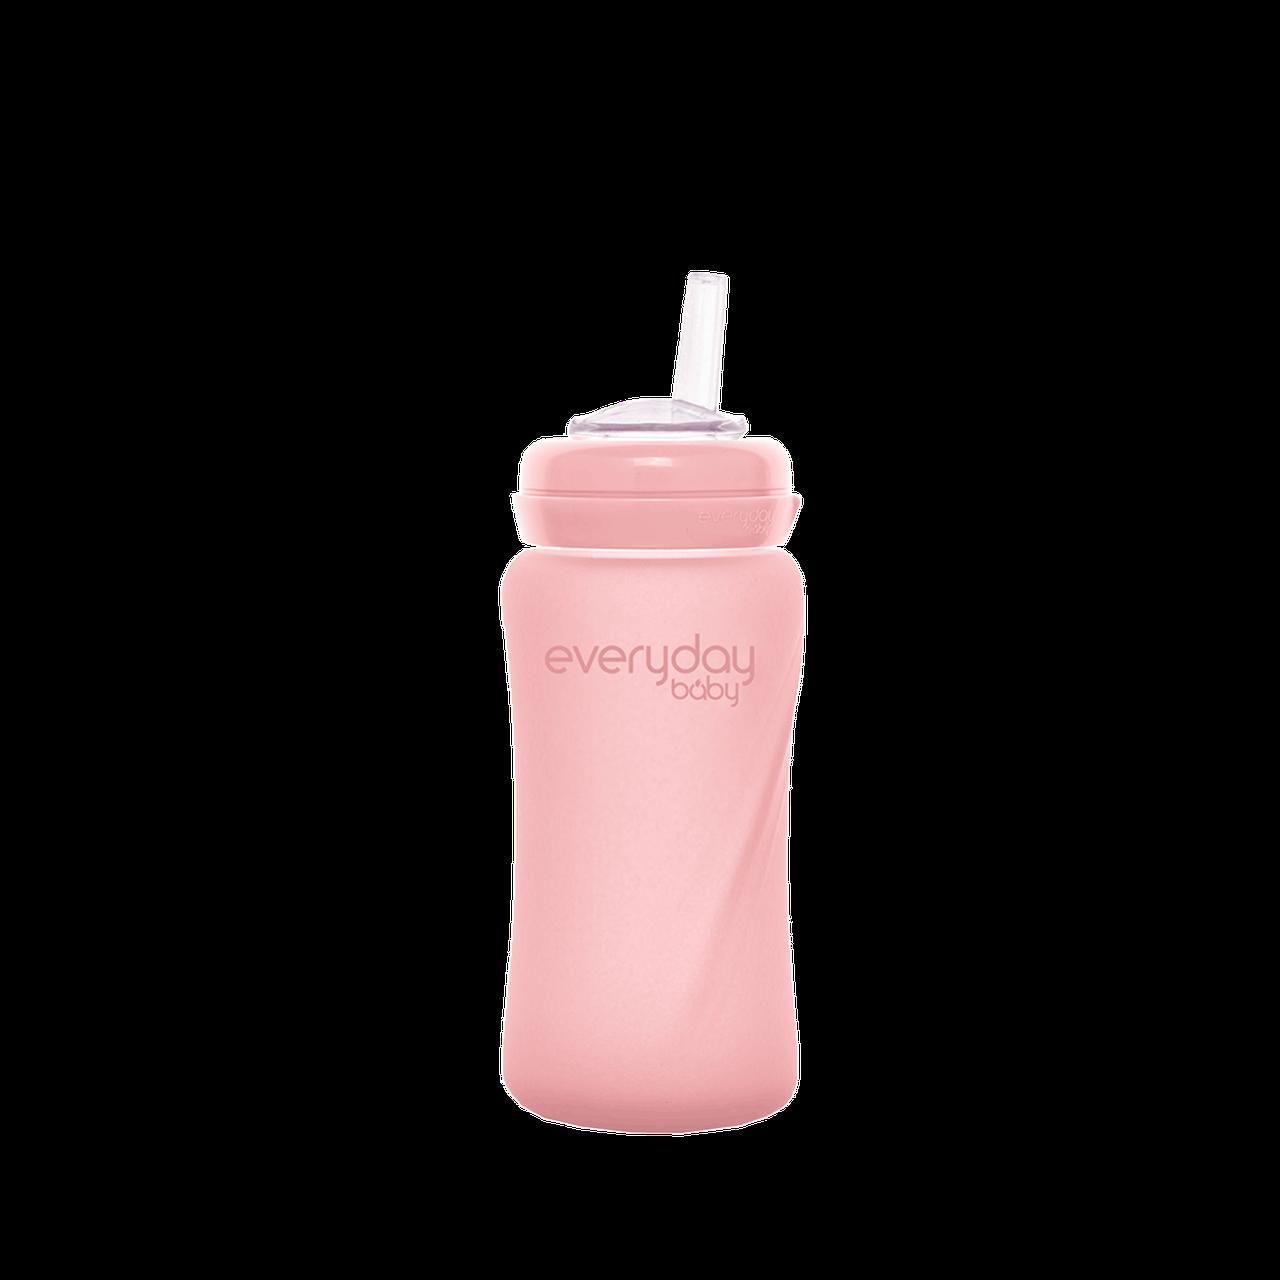 Стеклянная бутылочка с трубочкой для питья с силиконовой защитой Everyday Baby 240 мл. Цвет розовый